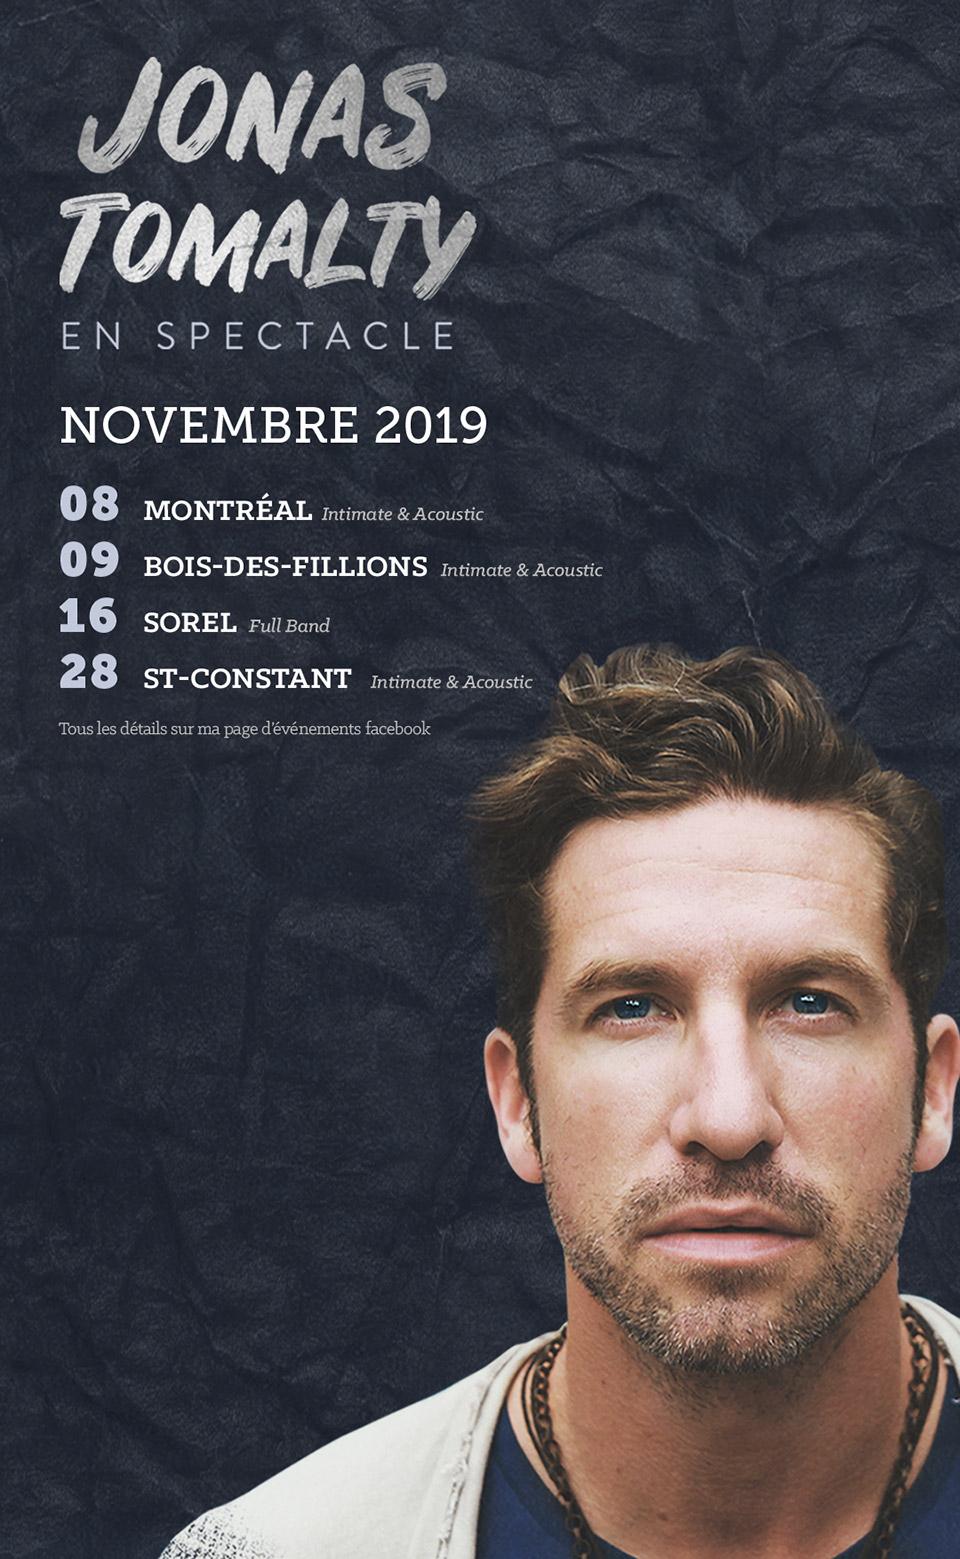 onas Tomalty - Novembre 2019